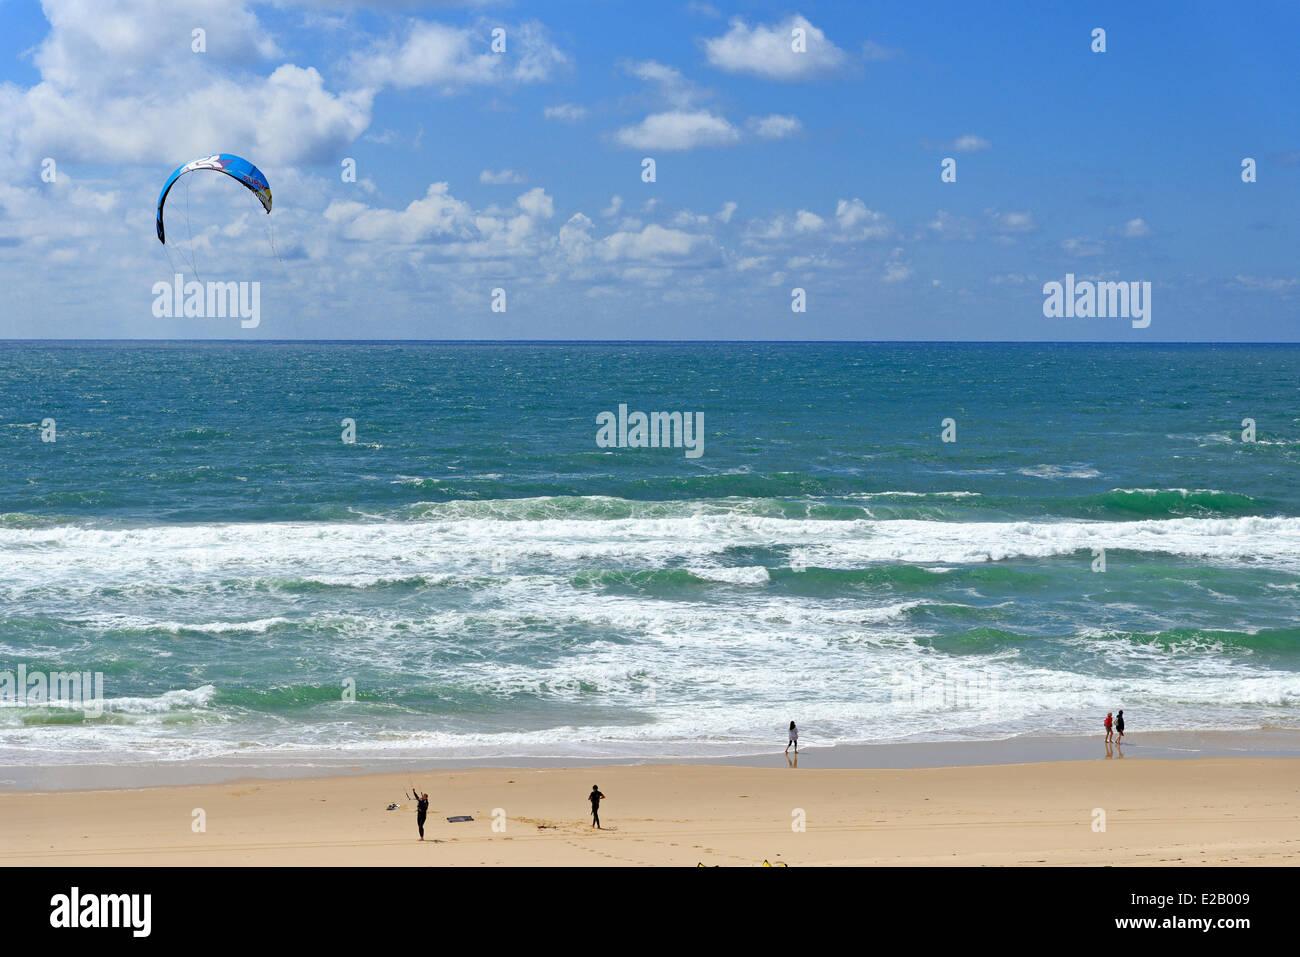 France, Gironde, Arcachon, Cap Ferret, Plage de l'Horizon, gonflant un voile de Kitesurf avec l'océan Photo Stock